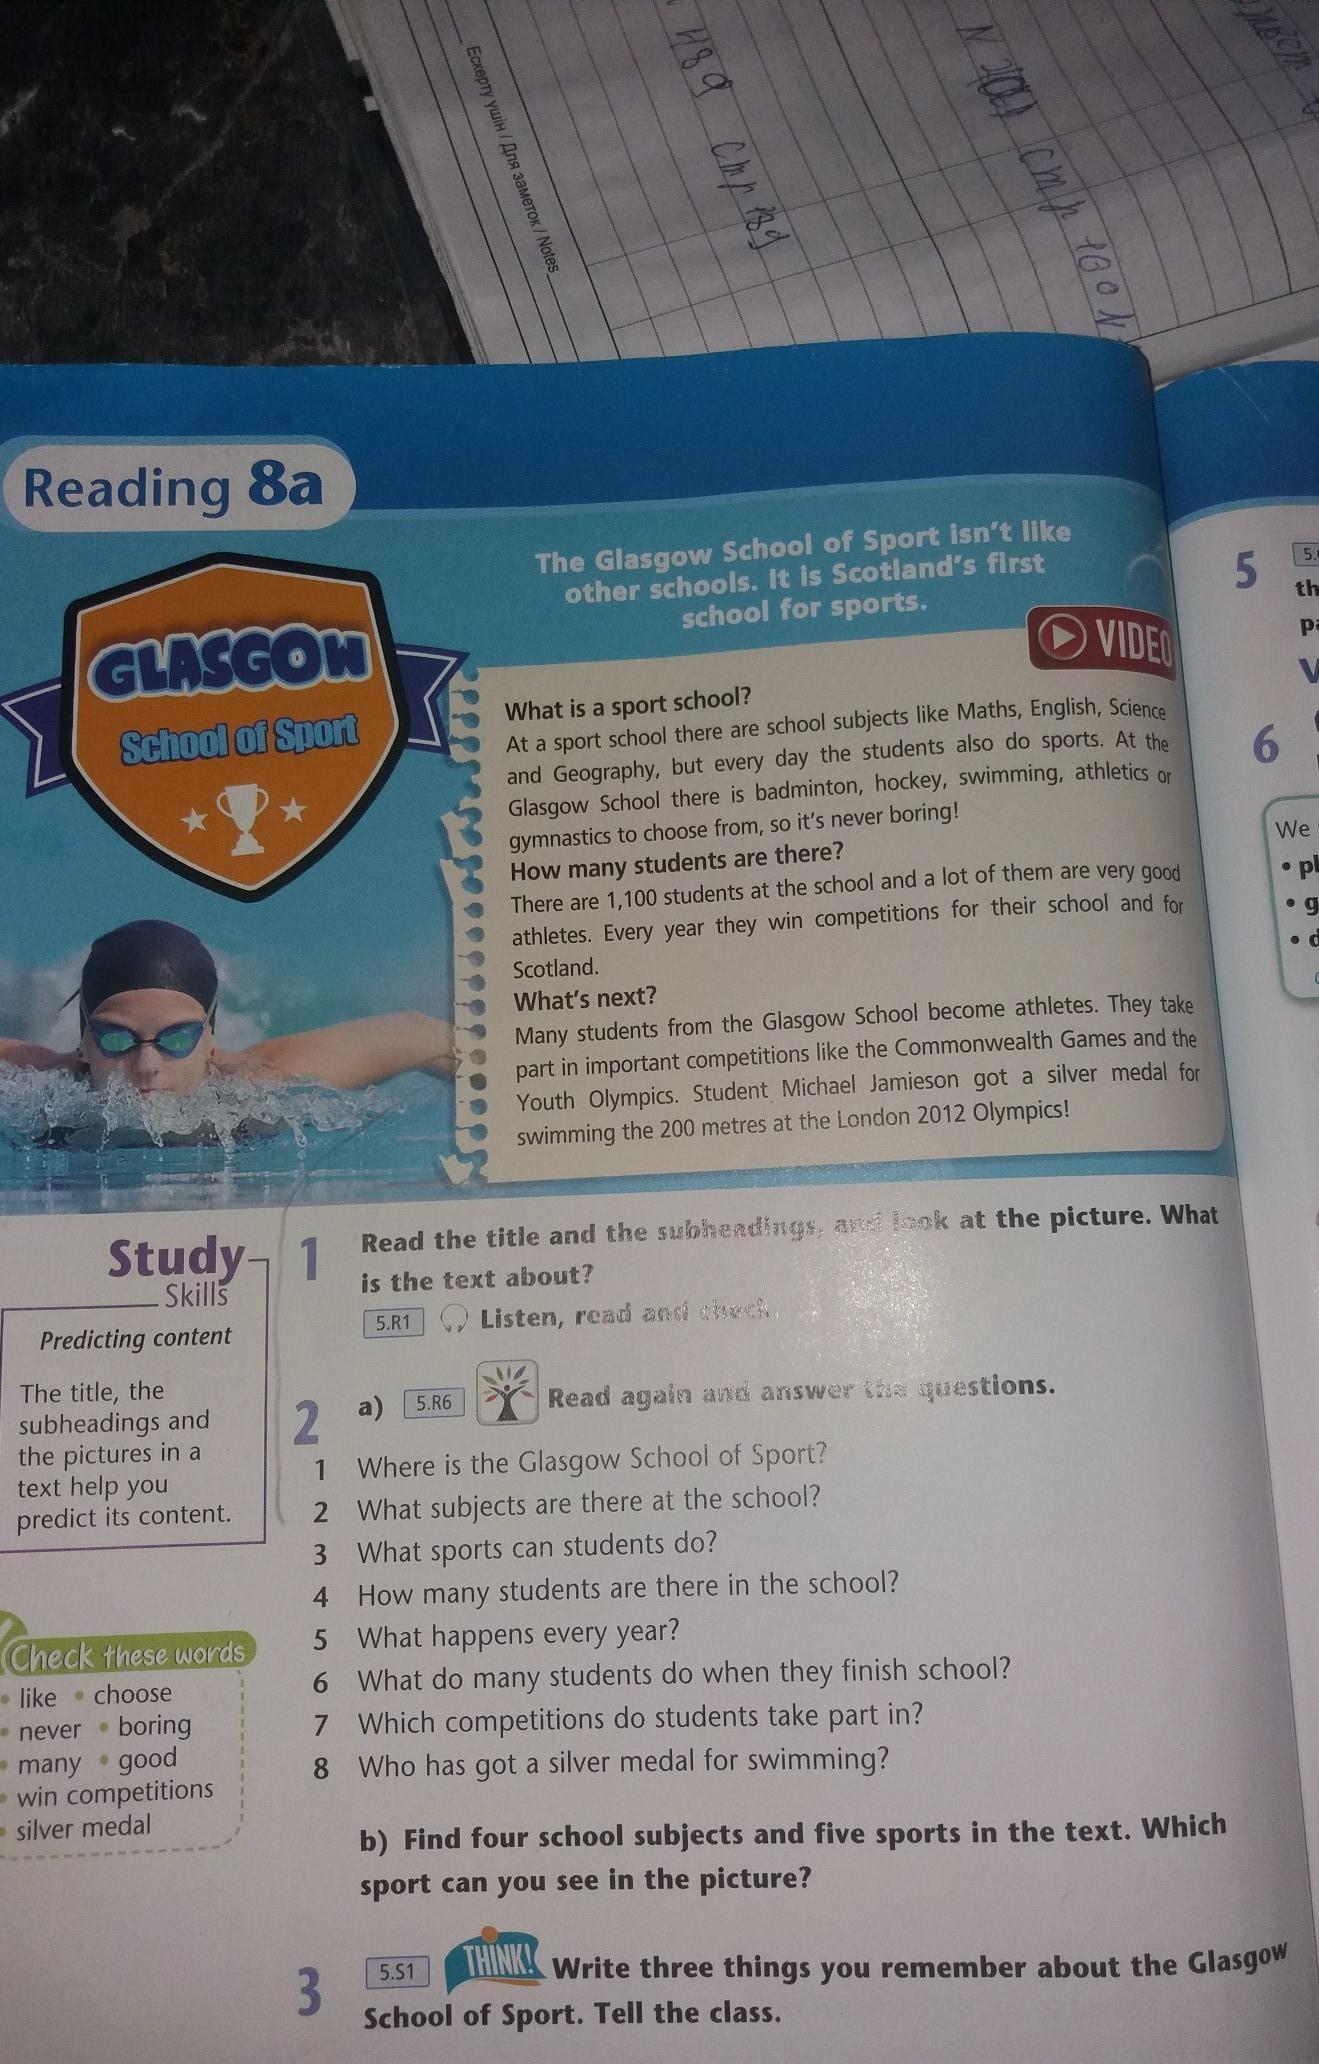 Помогите сделать по английскому номер 2 на текстом